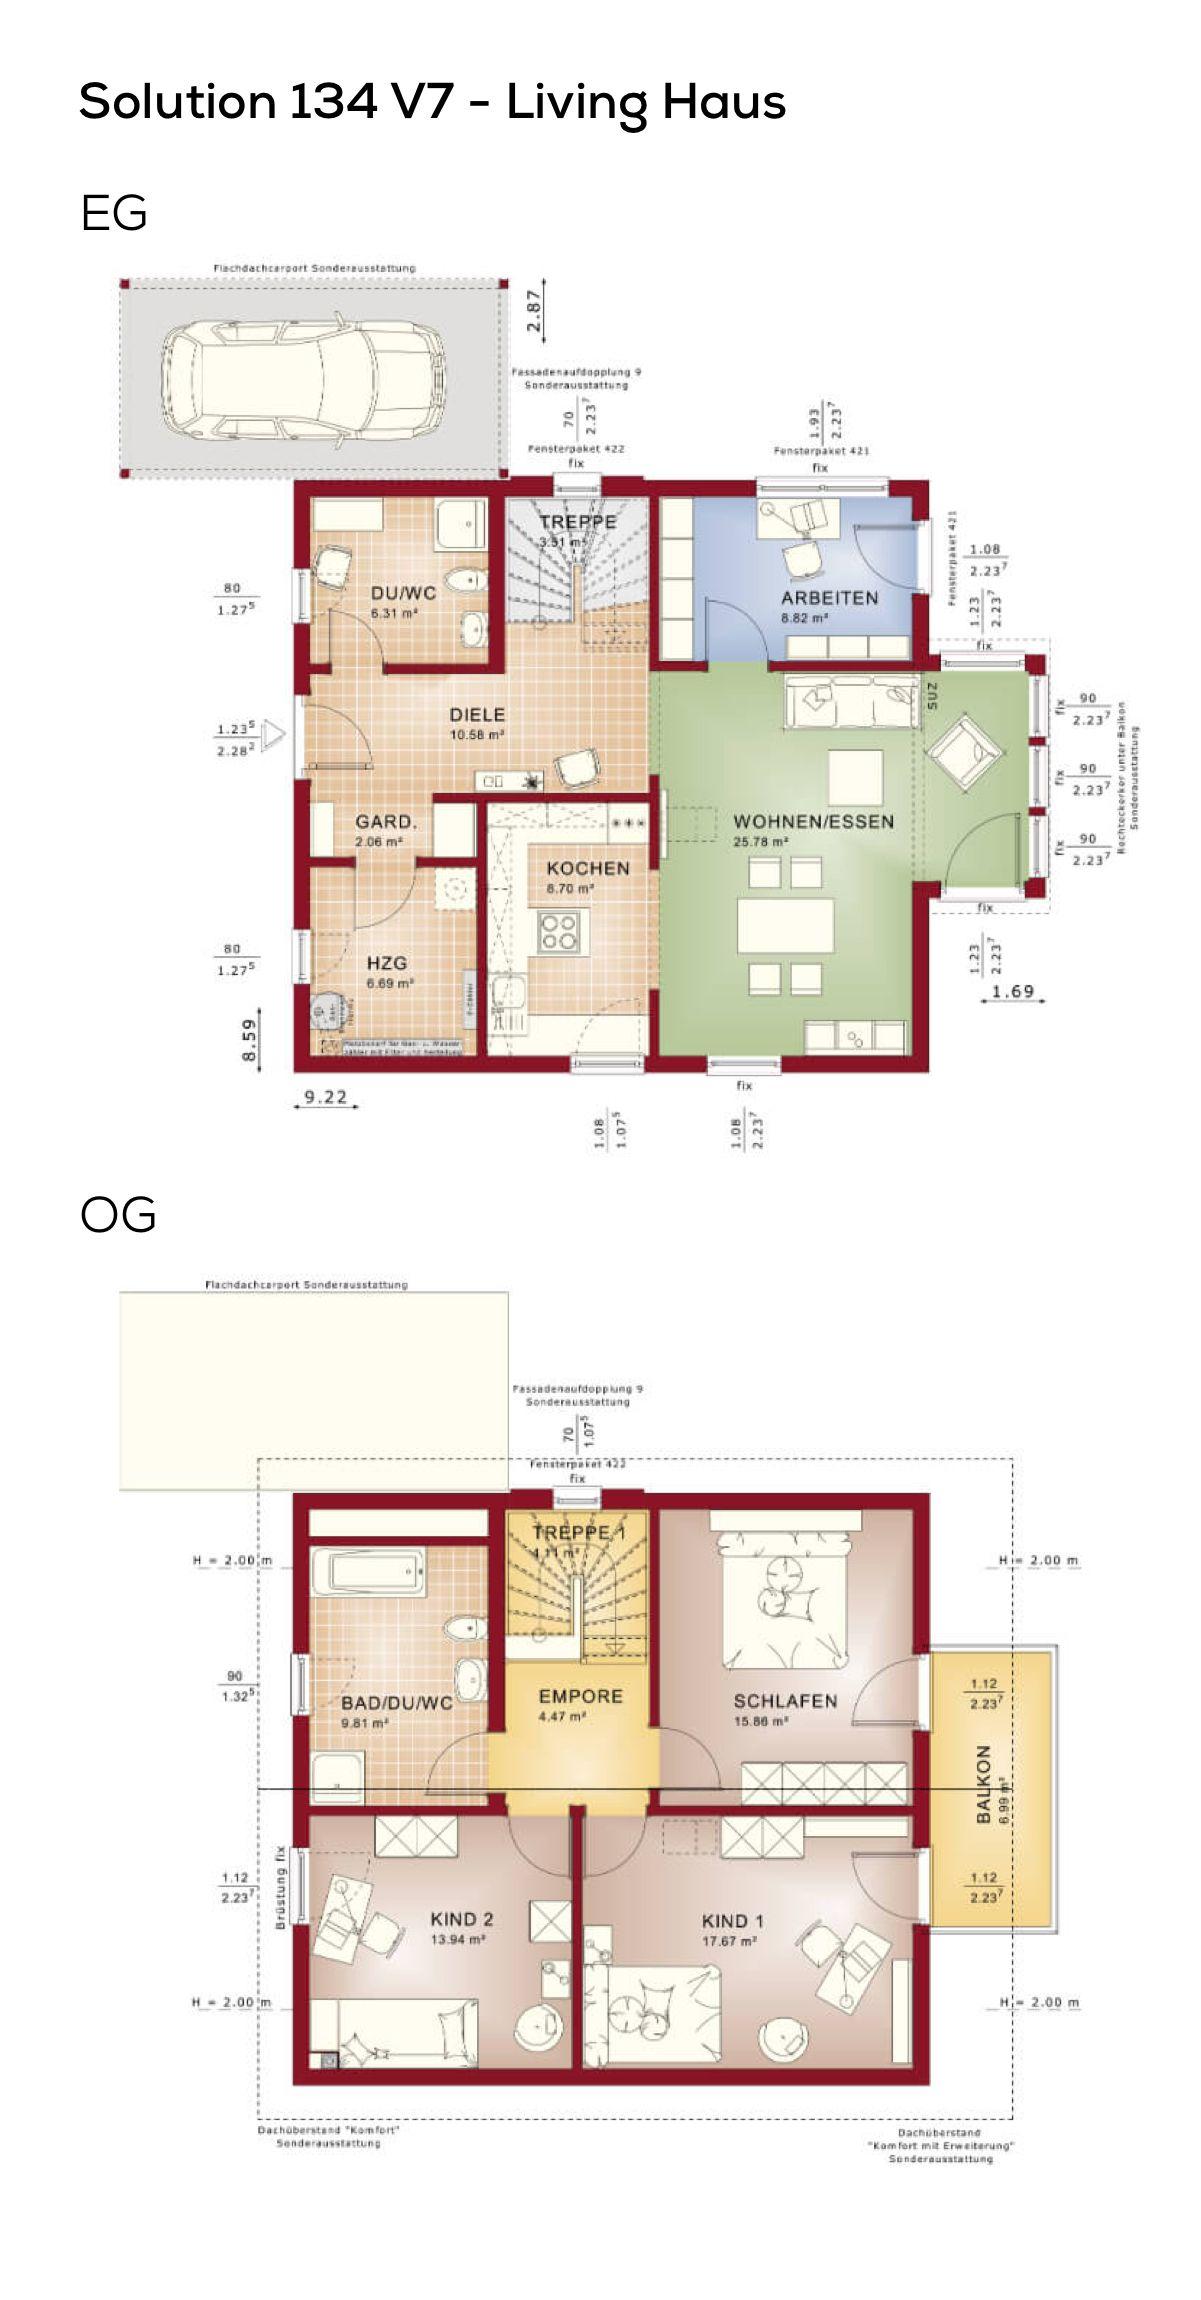 Brilliant Grundriss Einfamilienhaus 150 Qm Ideen Von Mit Satteldach Und Carport - 6 Zimmer,